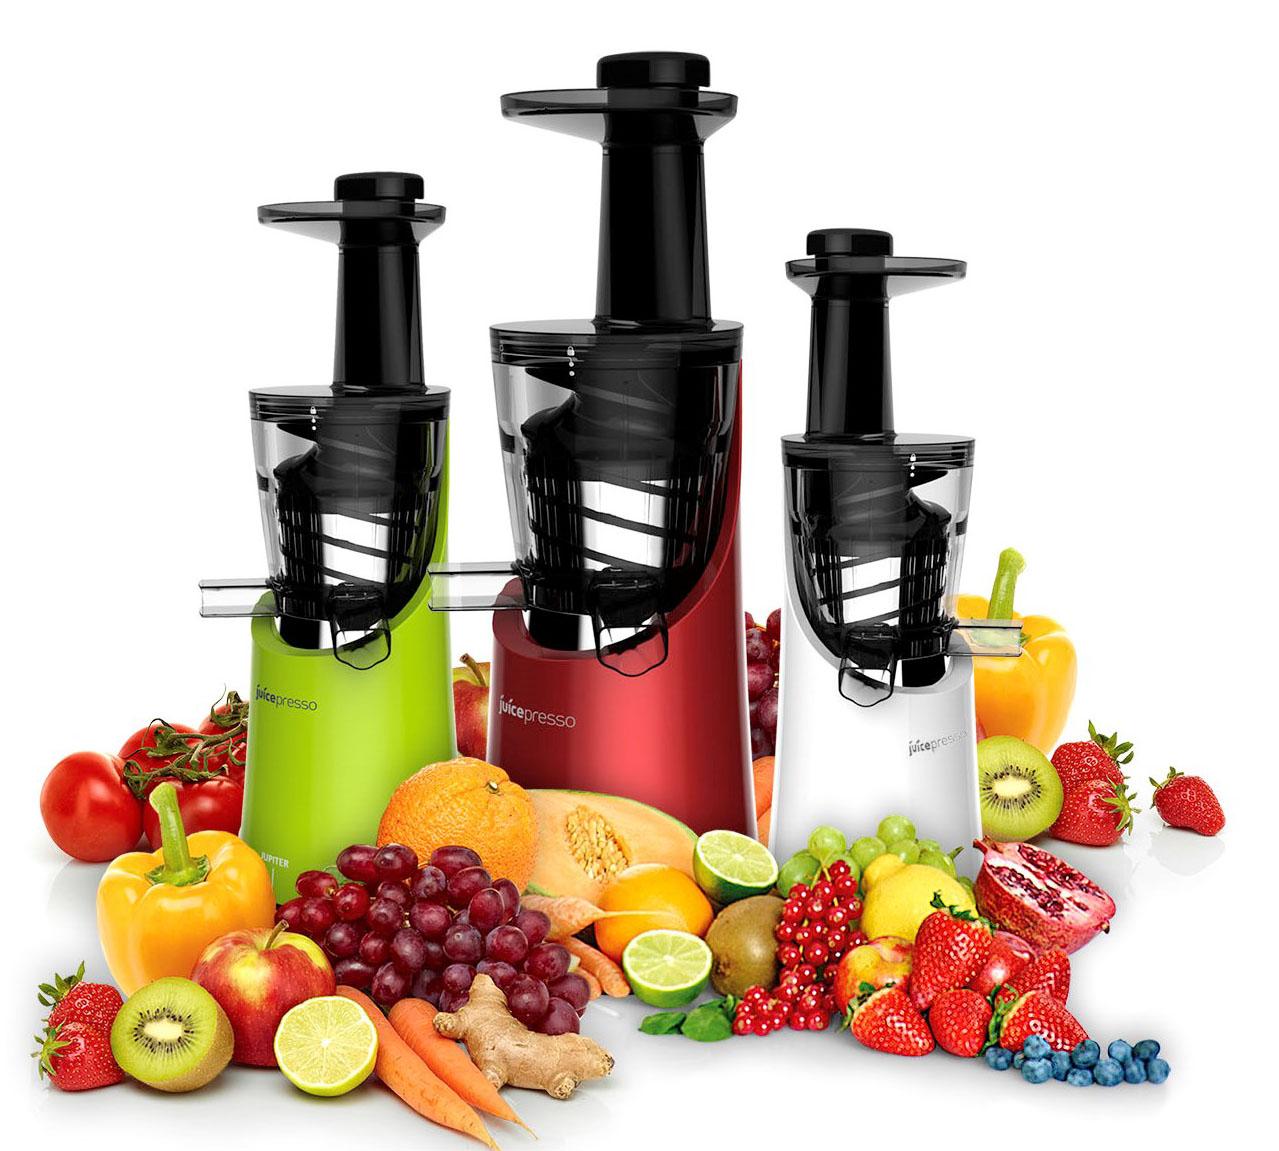 Vita Extract Slow Juicer Von Bosch : Entsafter Leise ~ Mobel design Idee fur Sie >> latofu.com